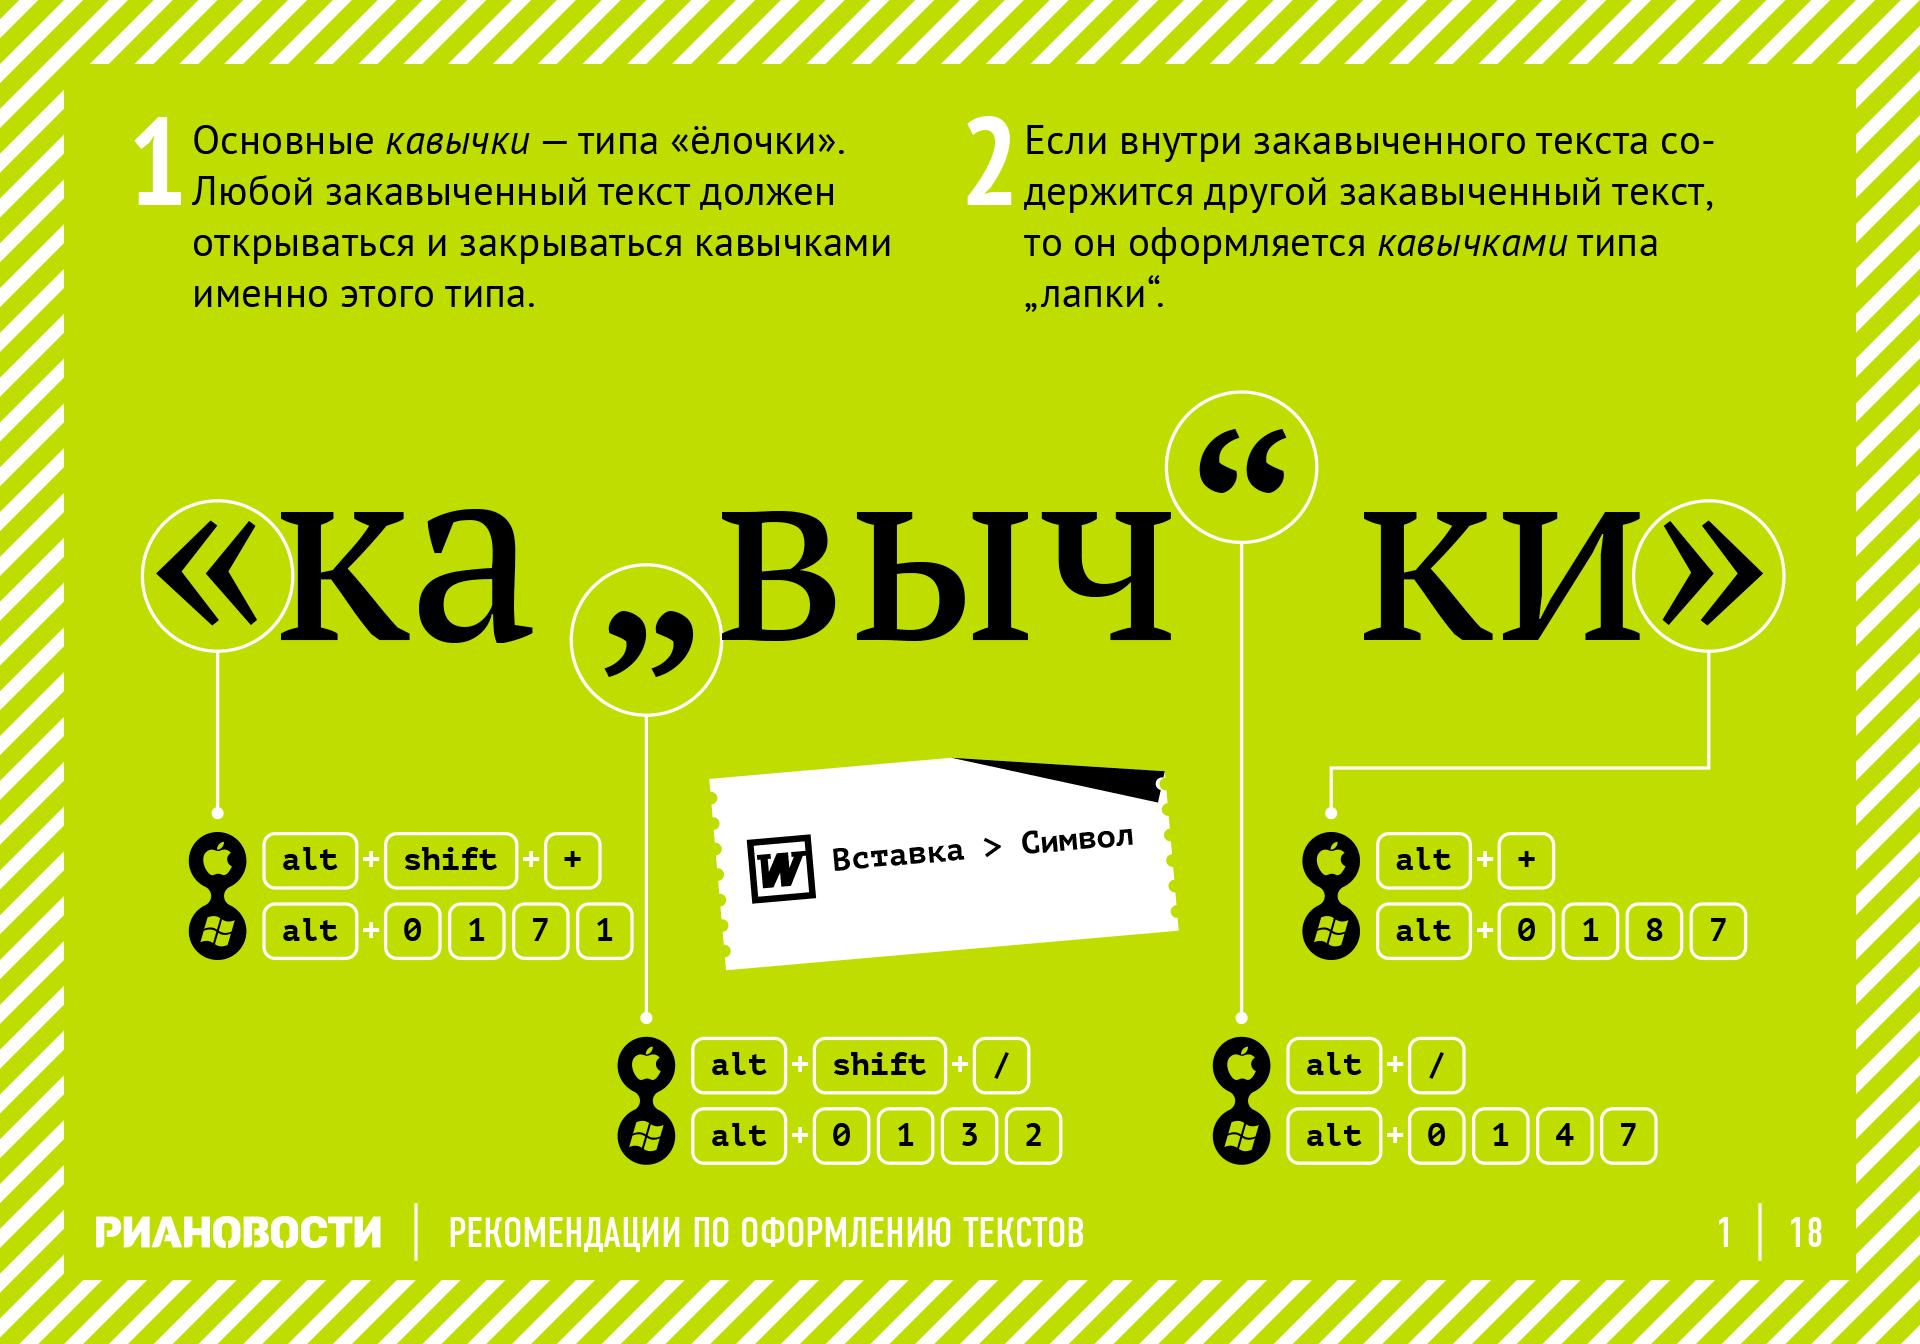 Рекомендации по оформлению текстов. Кавычки. RIA